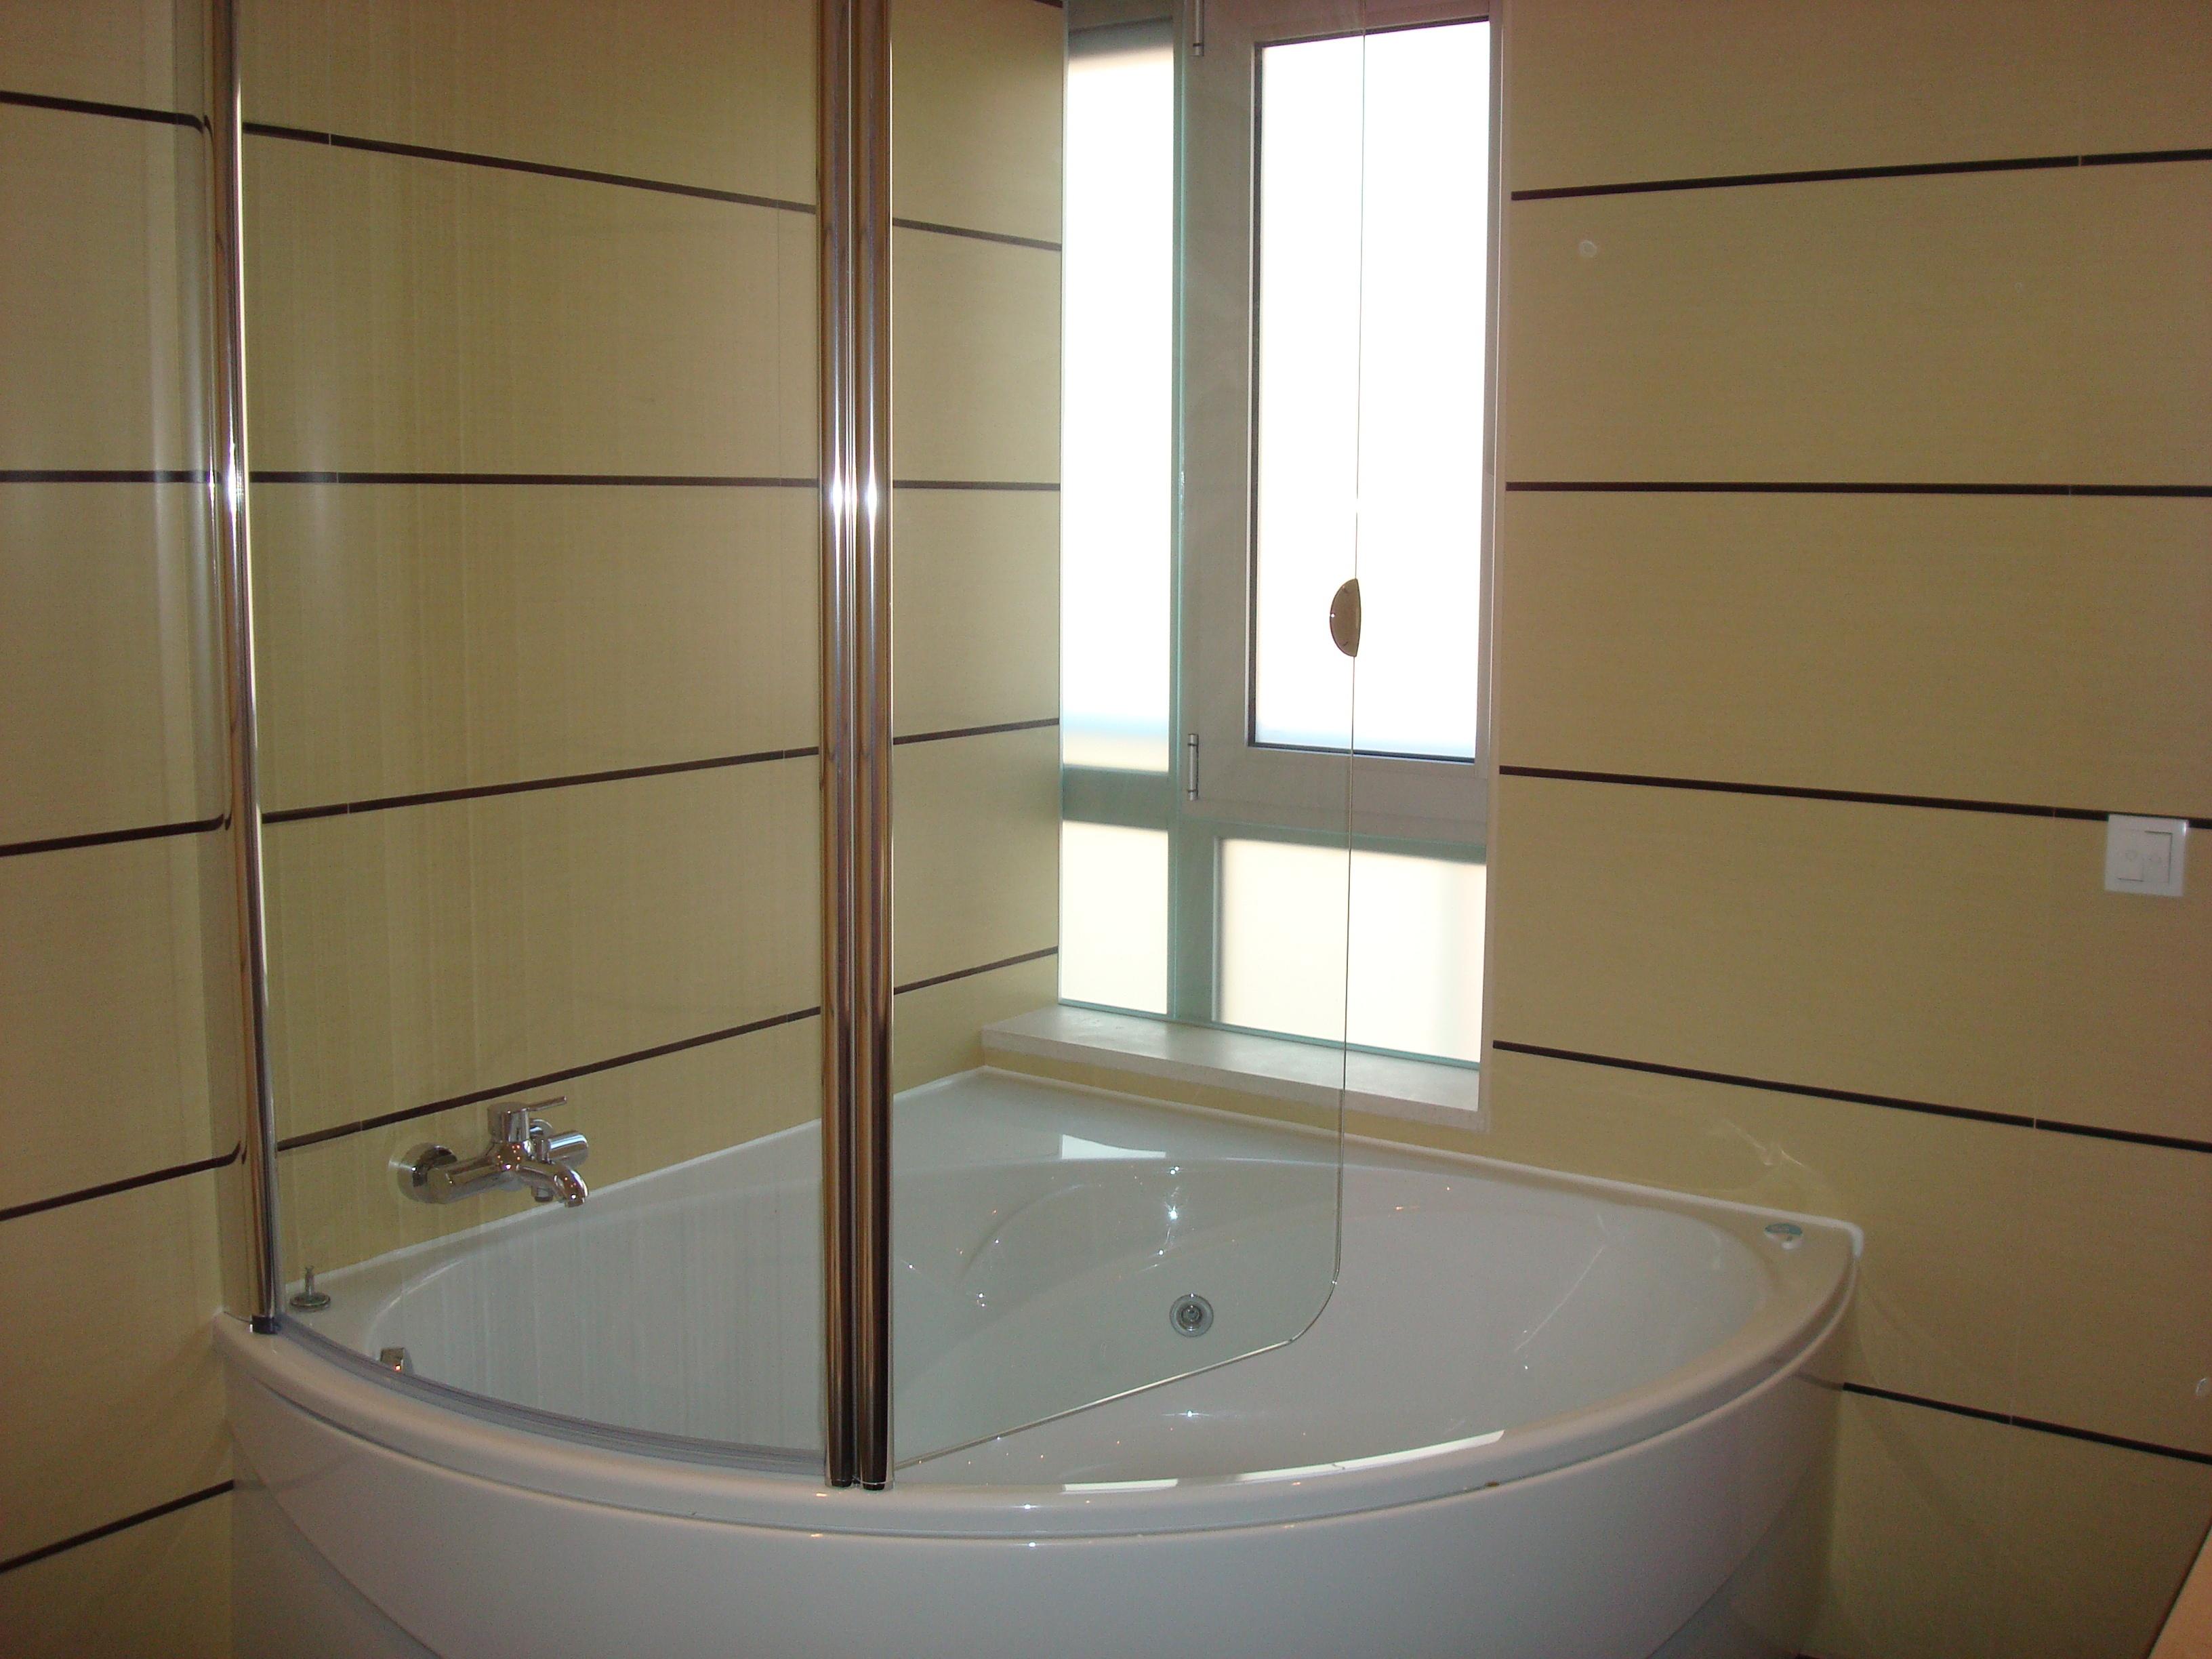 Pin Banheiros Banheiras Canto Banheiro Decorado Genuardis Portal on Pinterest -> Fotos De Banheiro Com Banheira De Canto